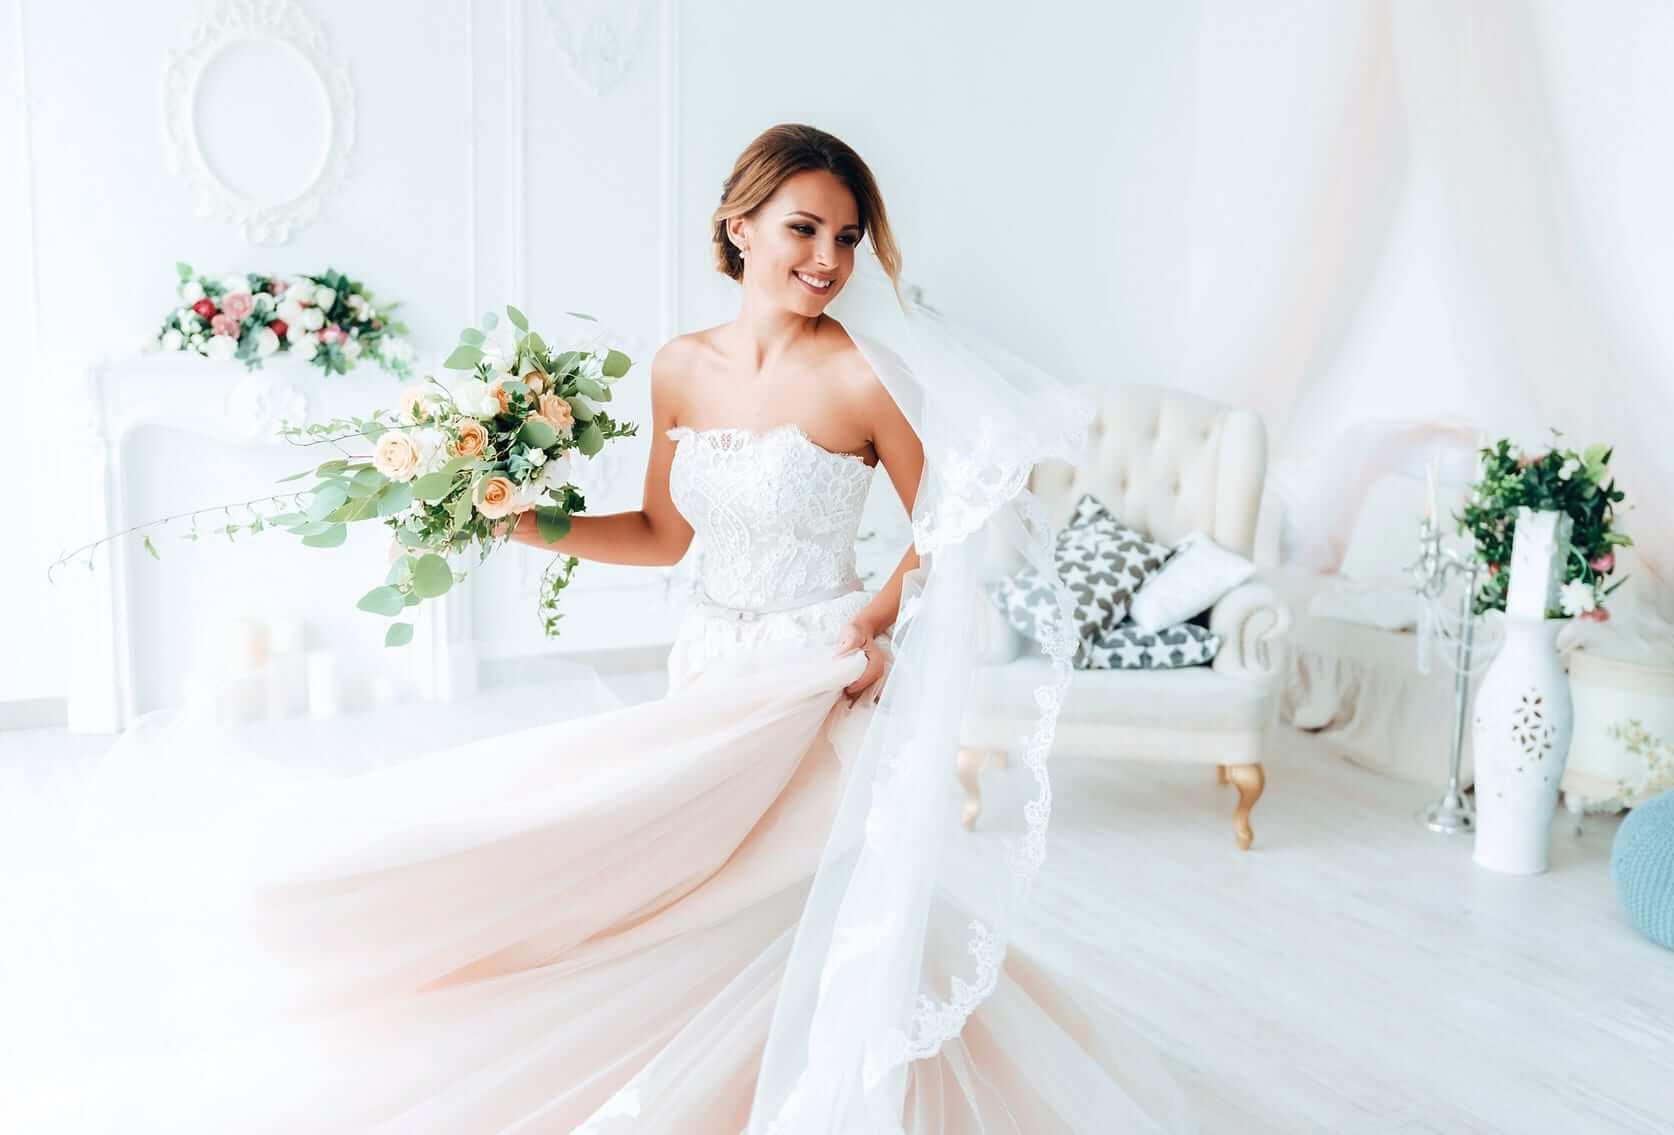 Skuteczne zabiegi kosmetyczne, które warto wykonać przed ślubem?